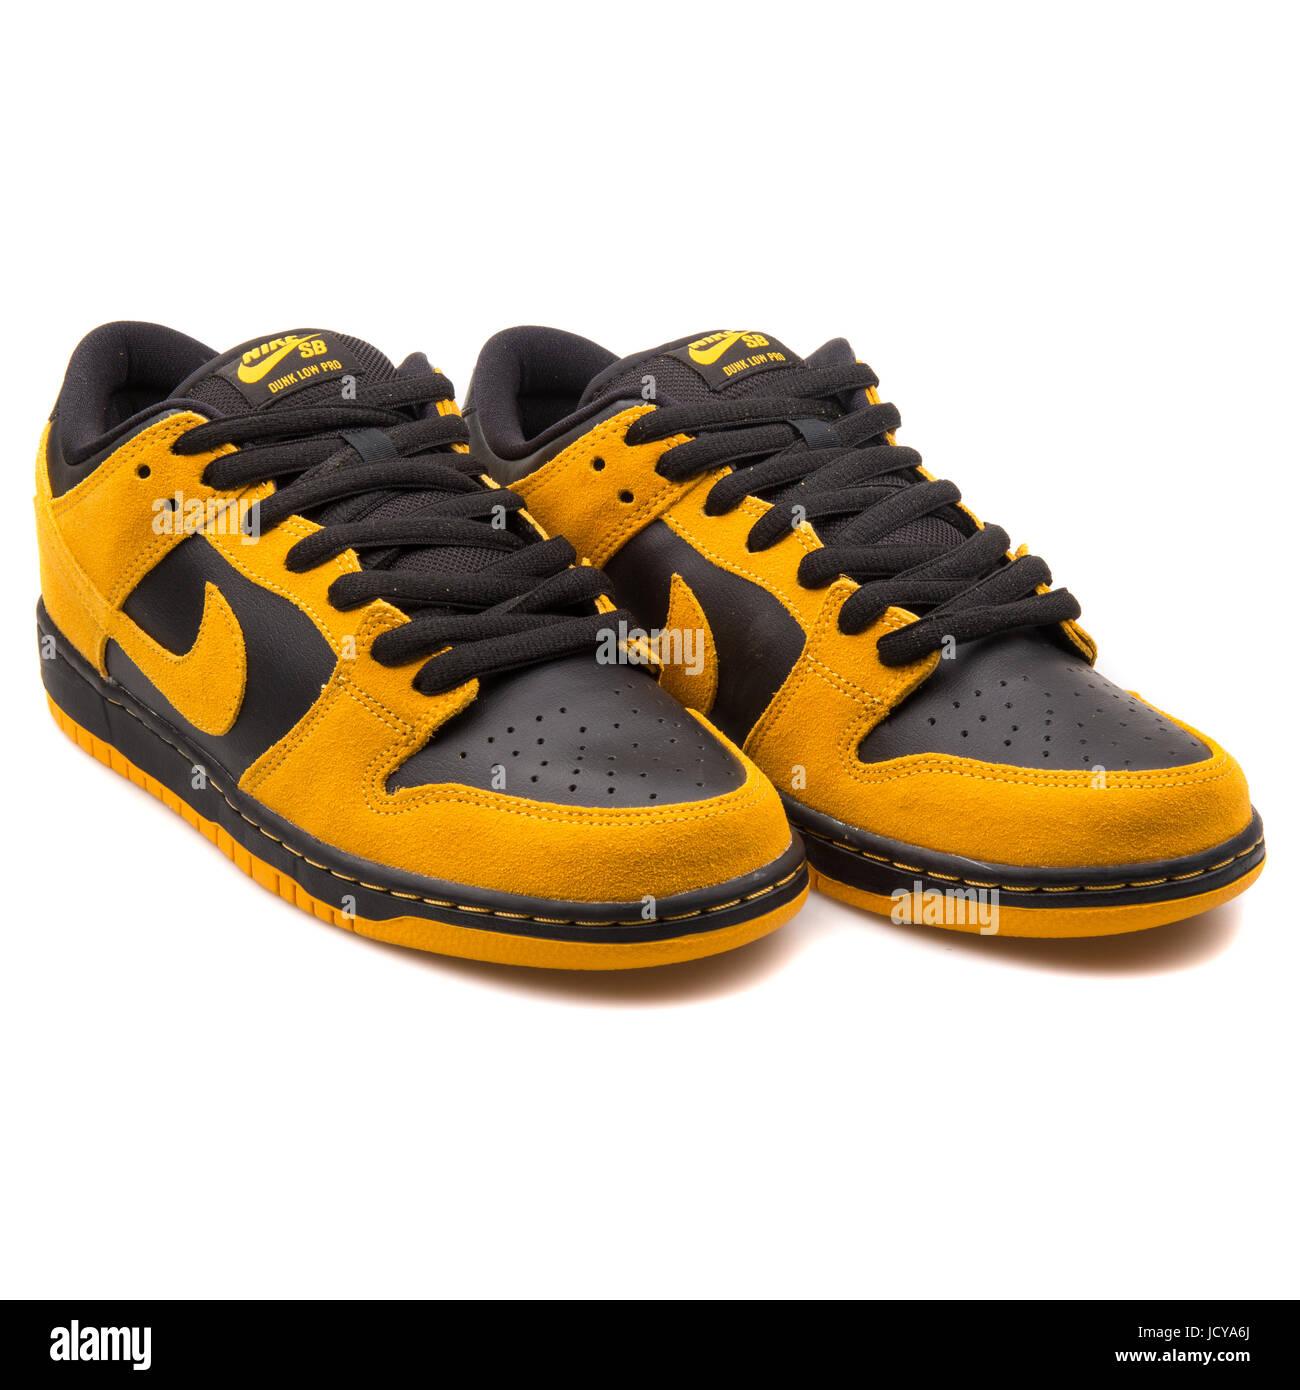 Nike Dunk Low Pro SB Gold Gelb und schwarz Herren Skateboarding Schuhe -  304292-706 790501a7c8